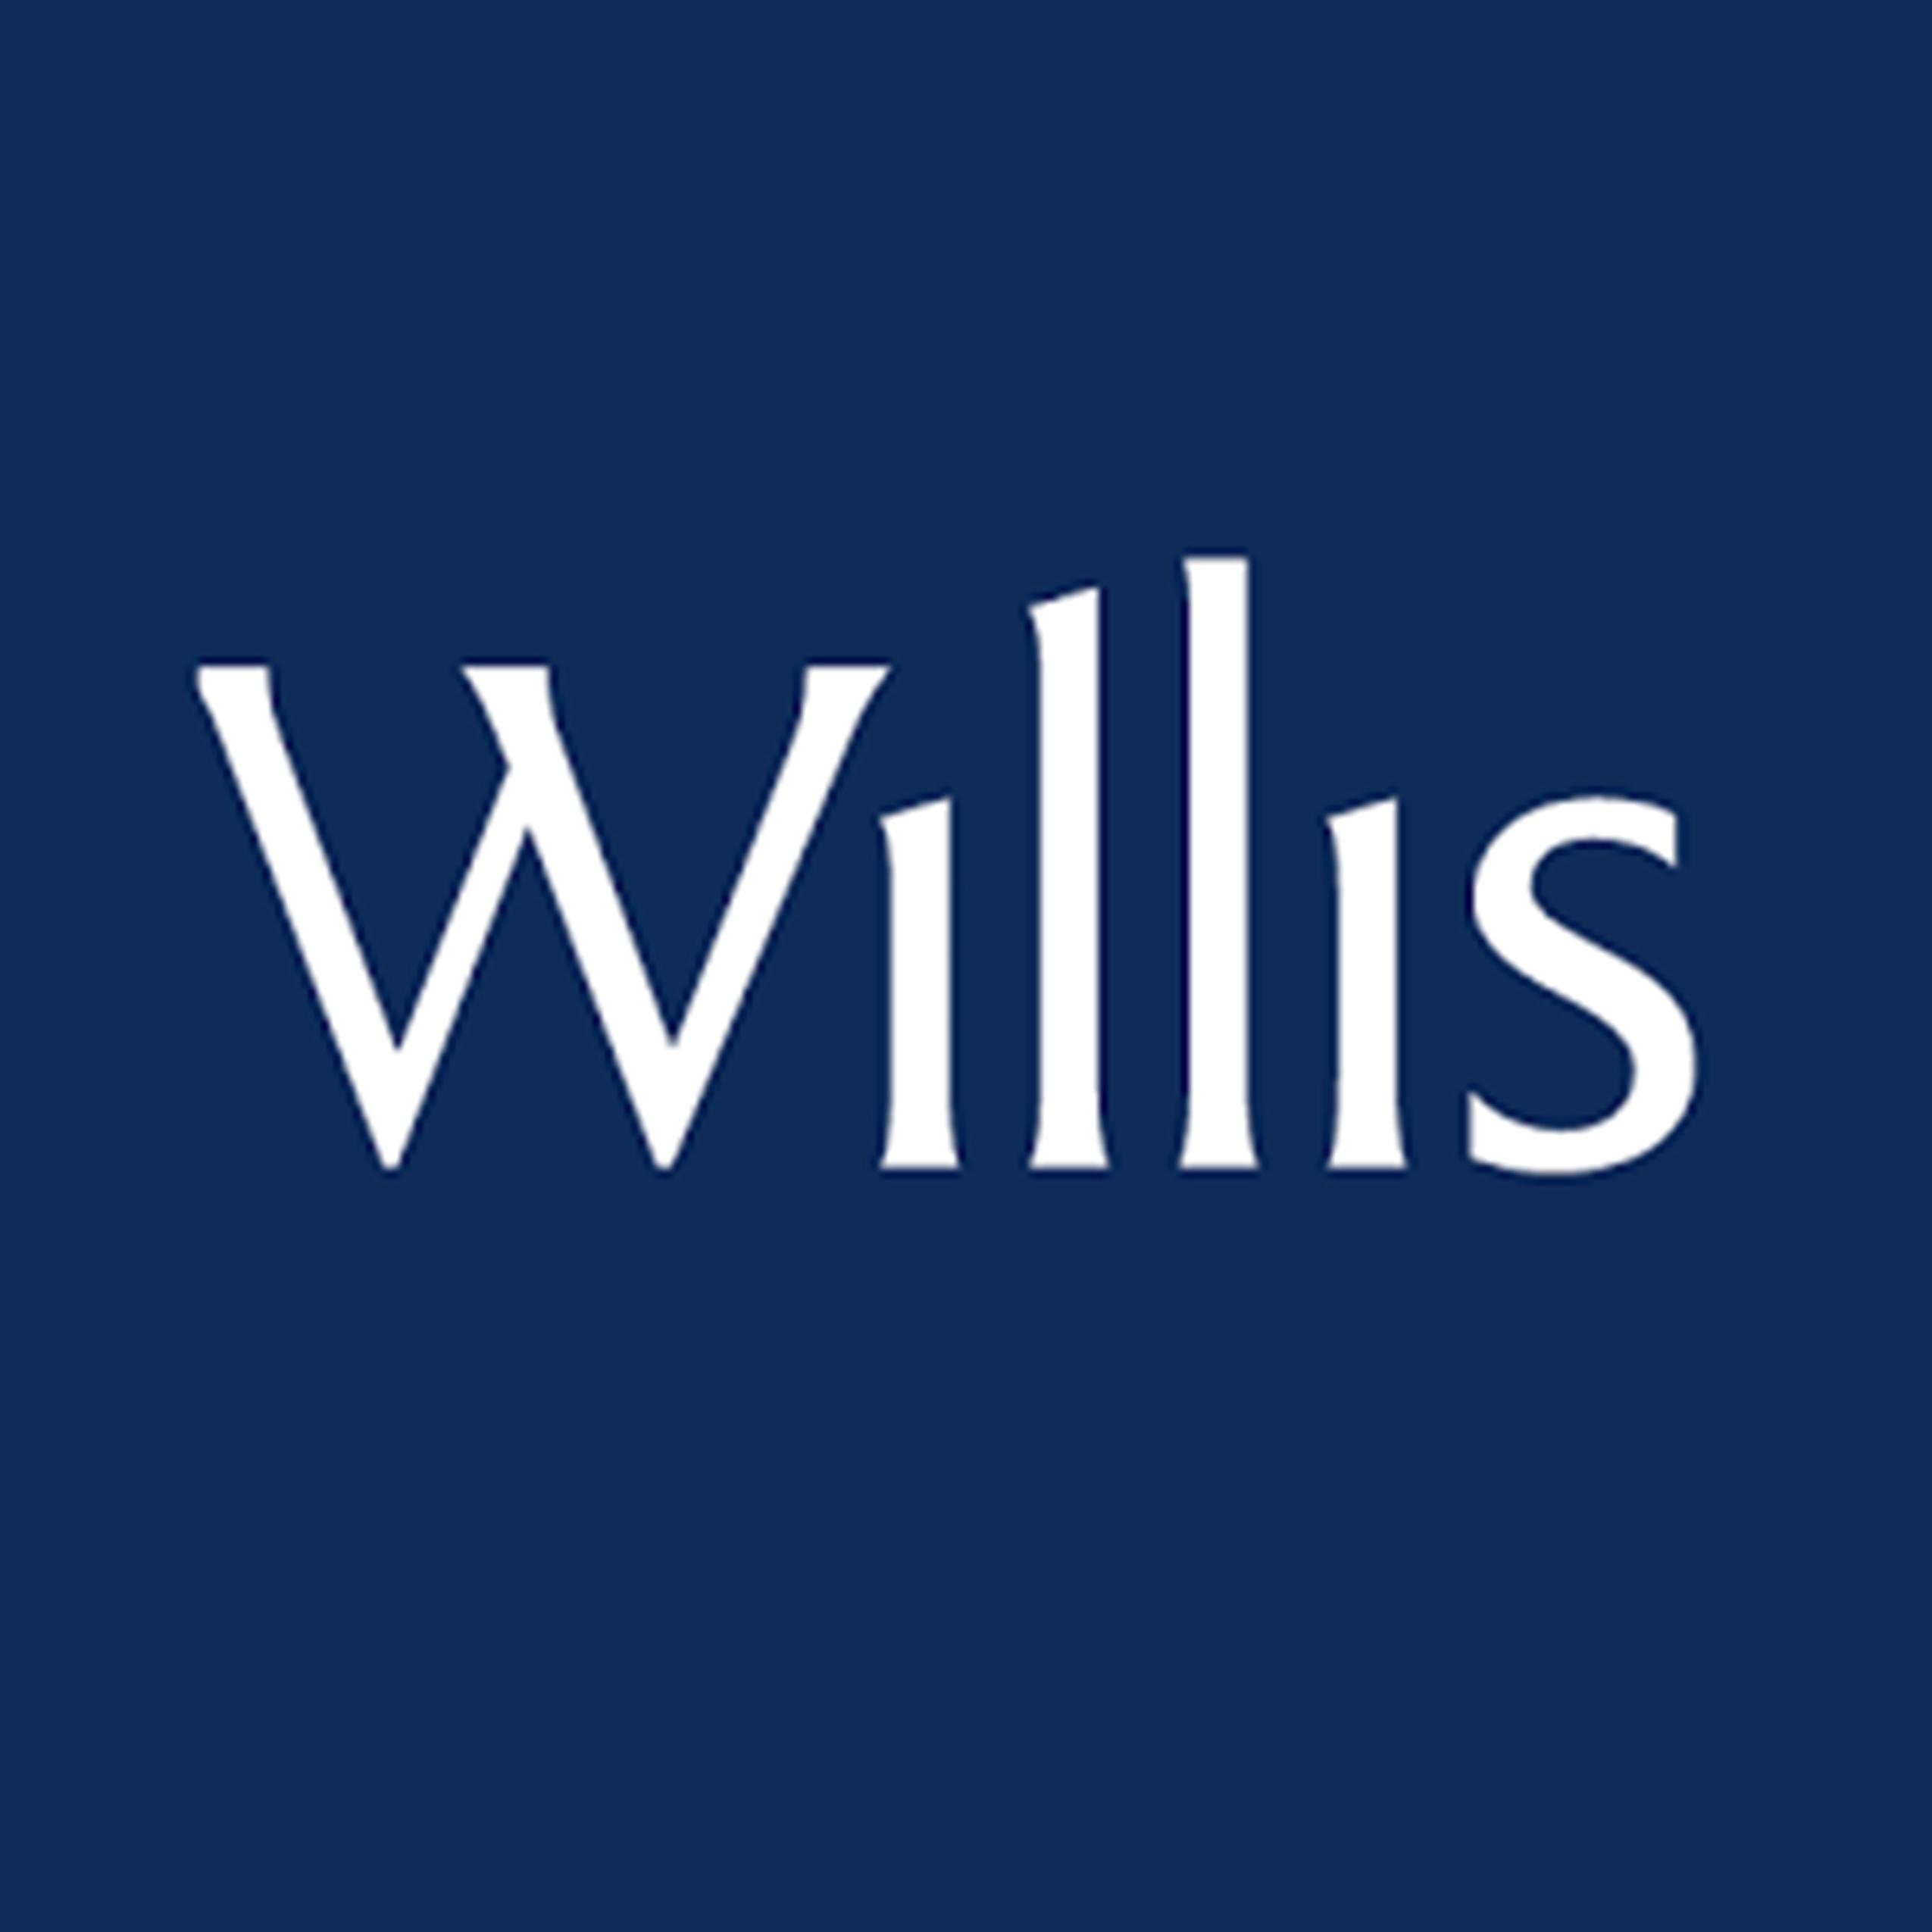 Willis Corporate Video Link